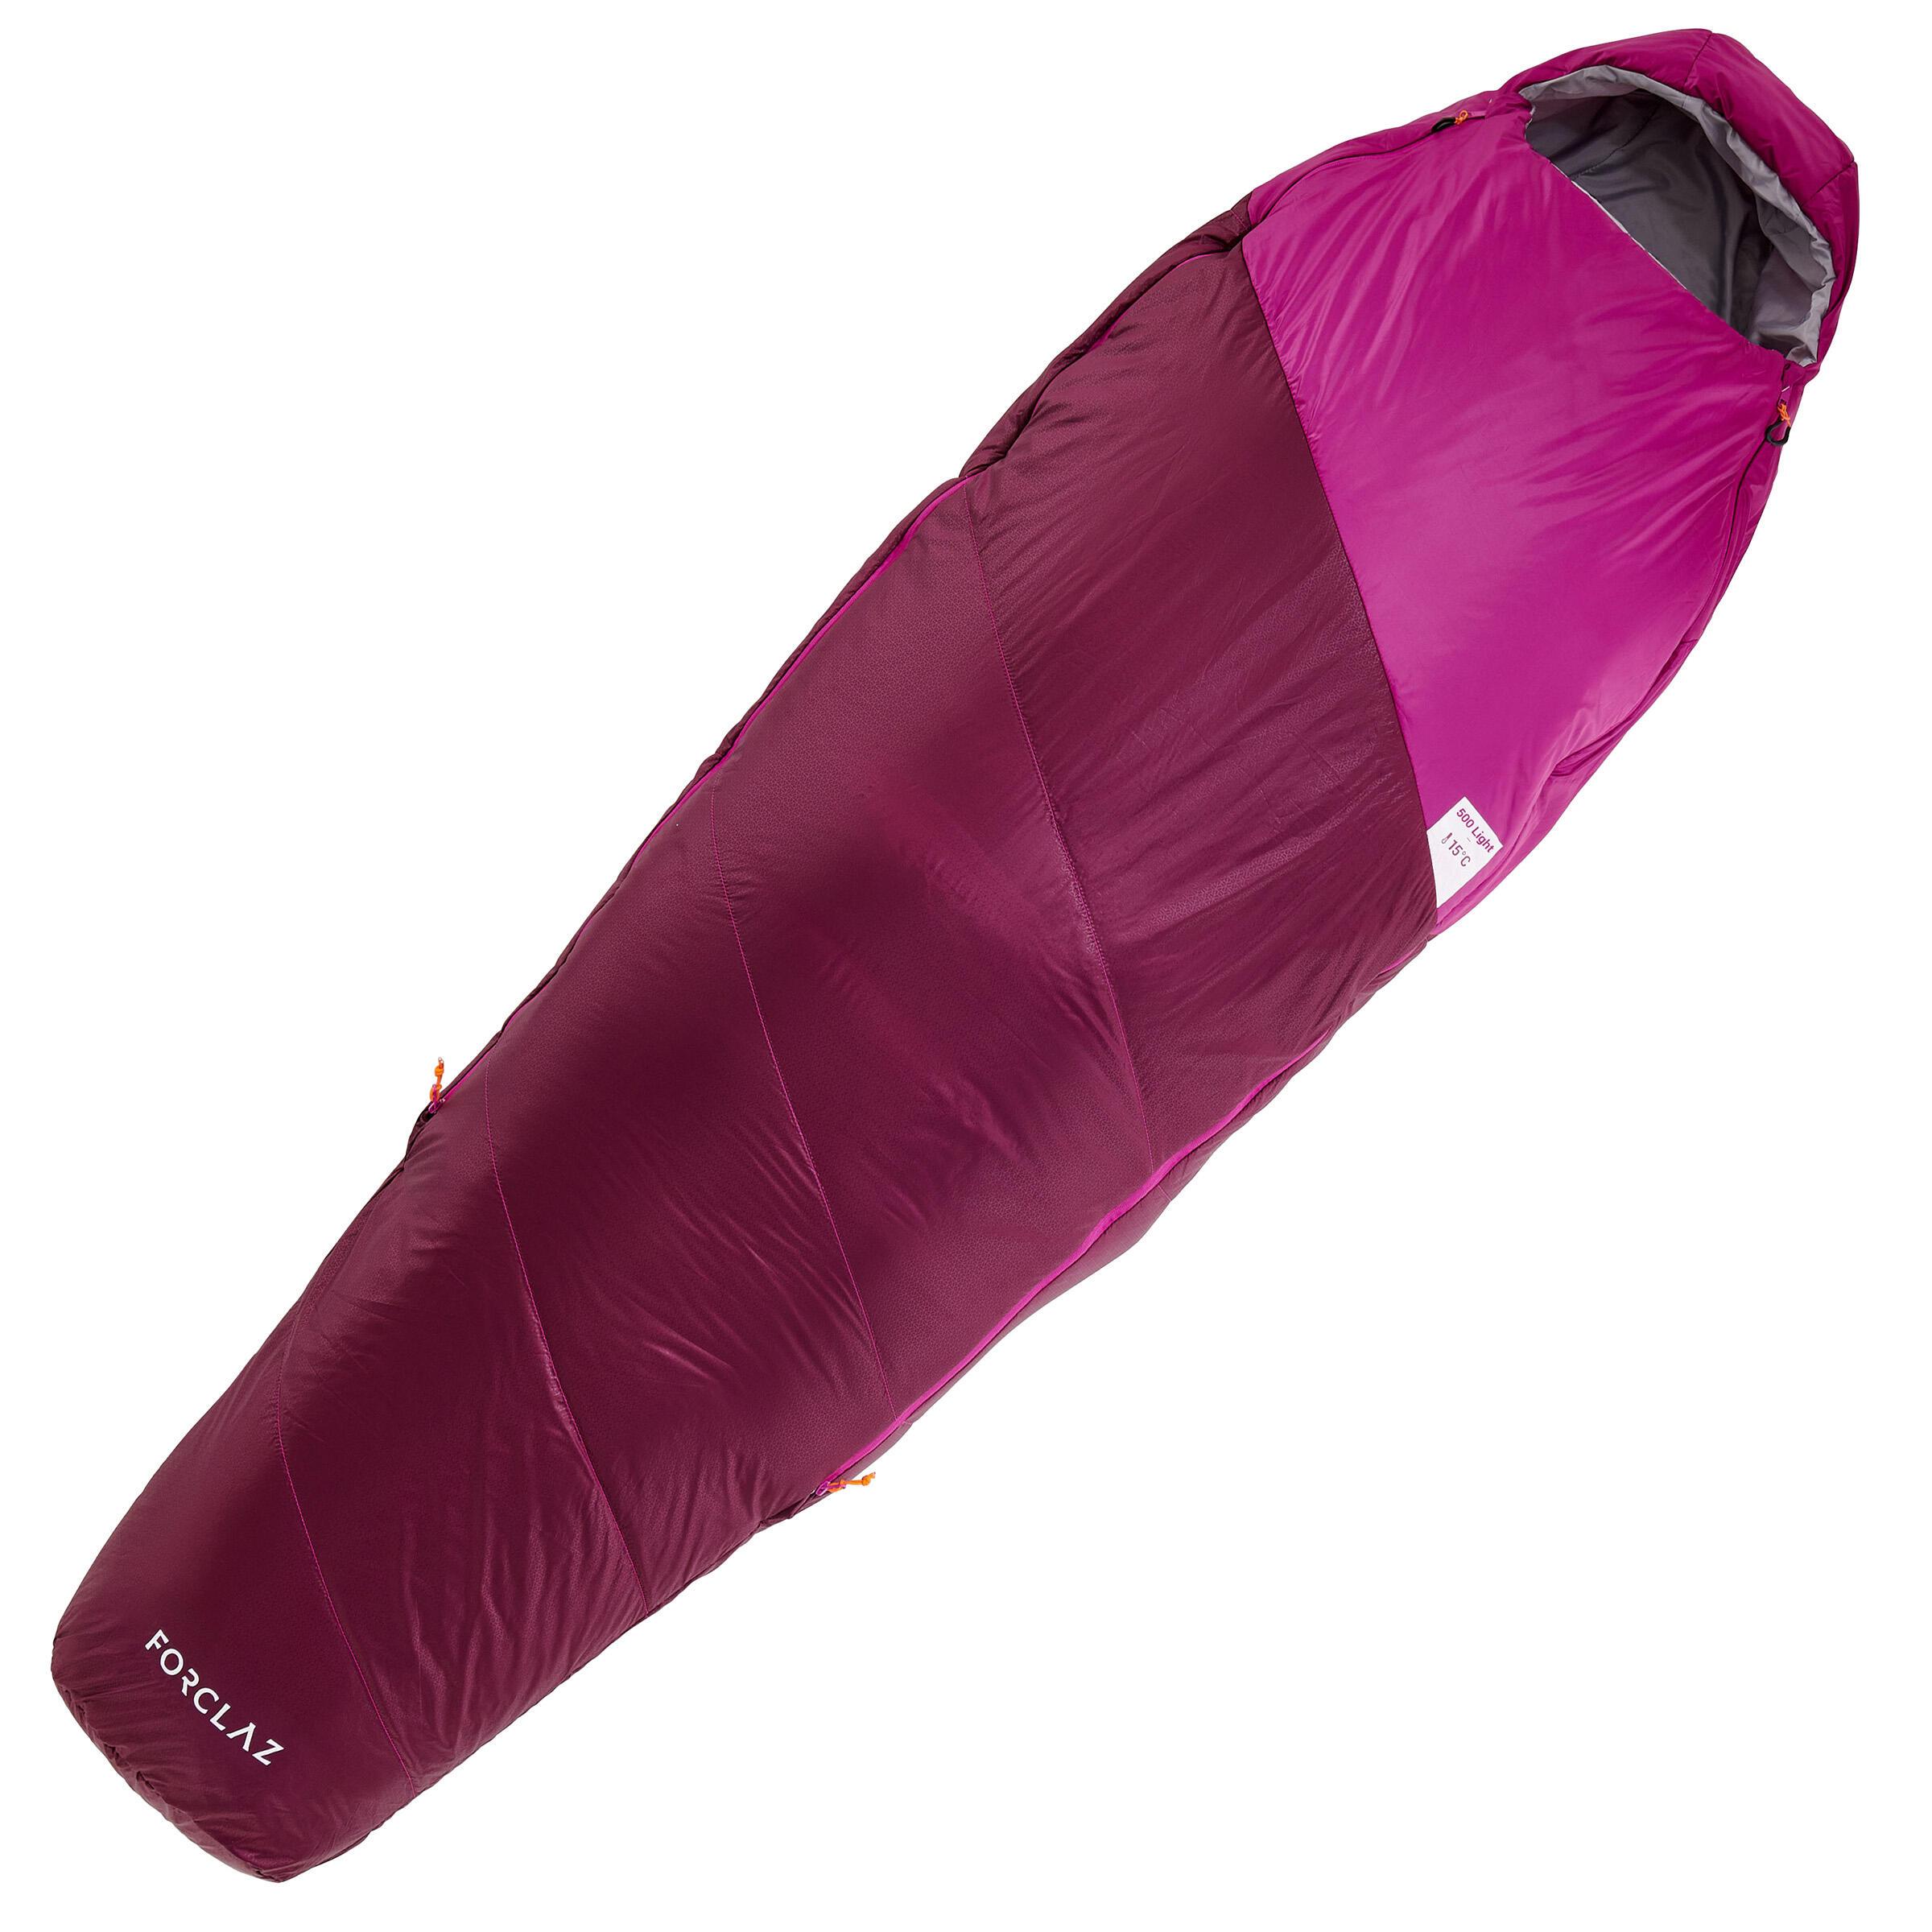 Sac de couchage RANDONNÉE PLUSIEURS JOUR 500 15°C violet